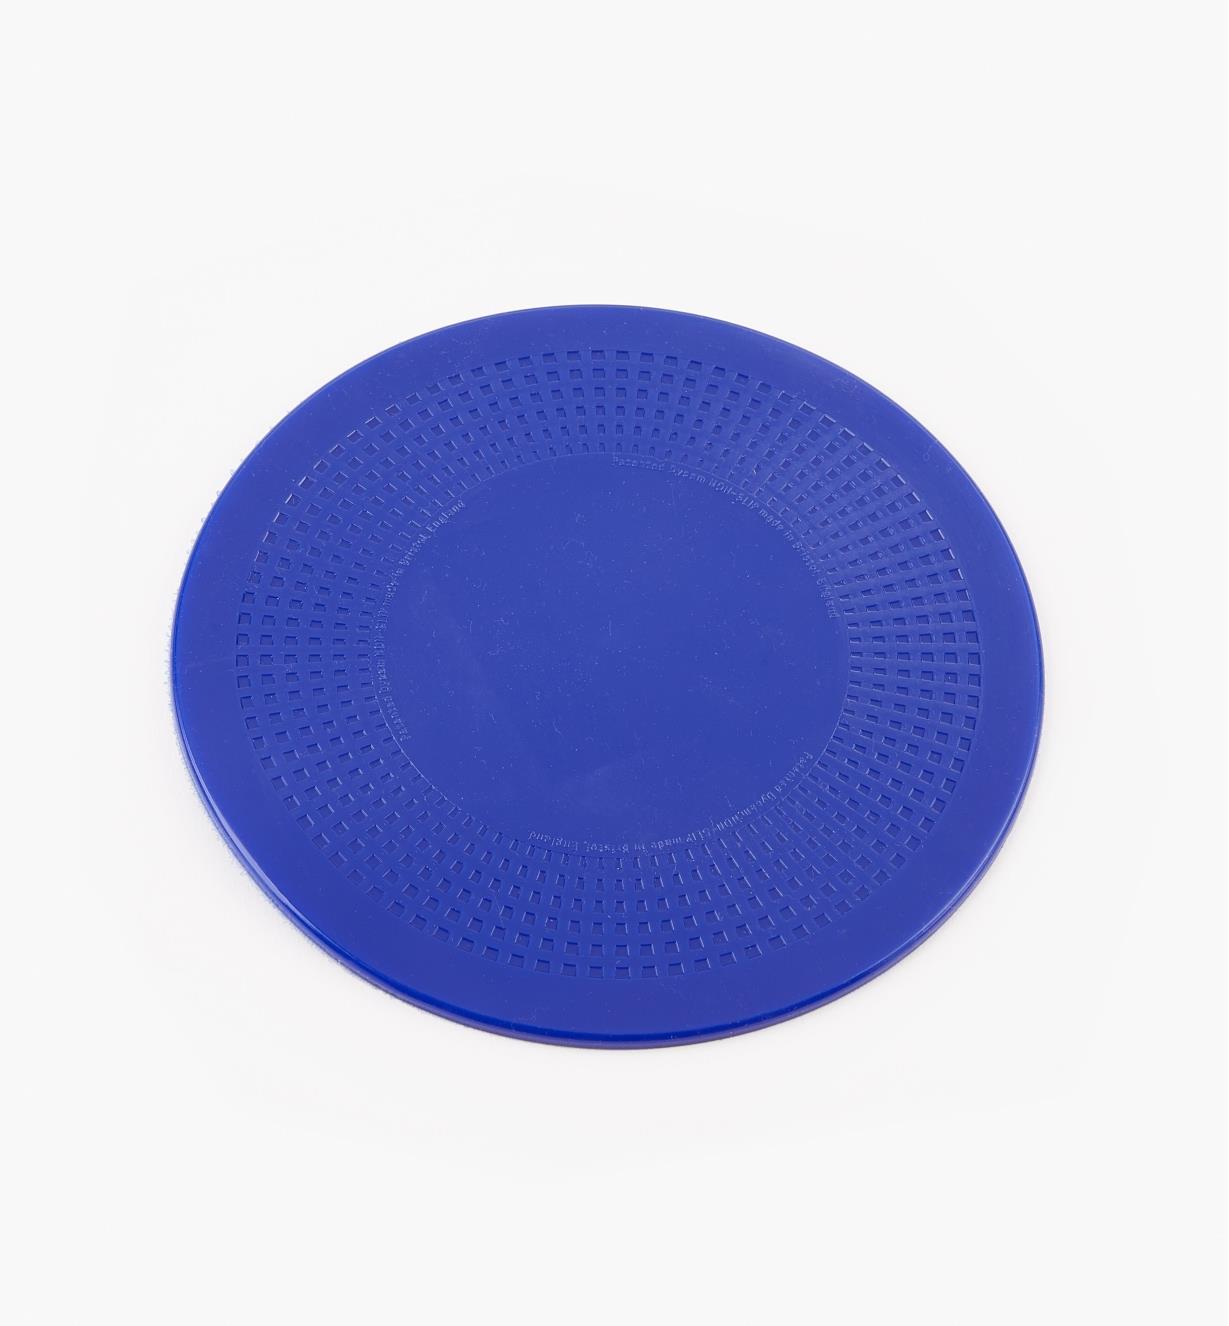 09A0389 - No-Slip Silicone Pad